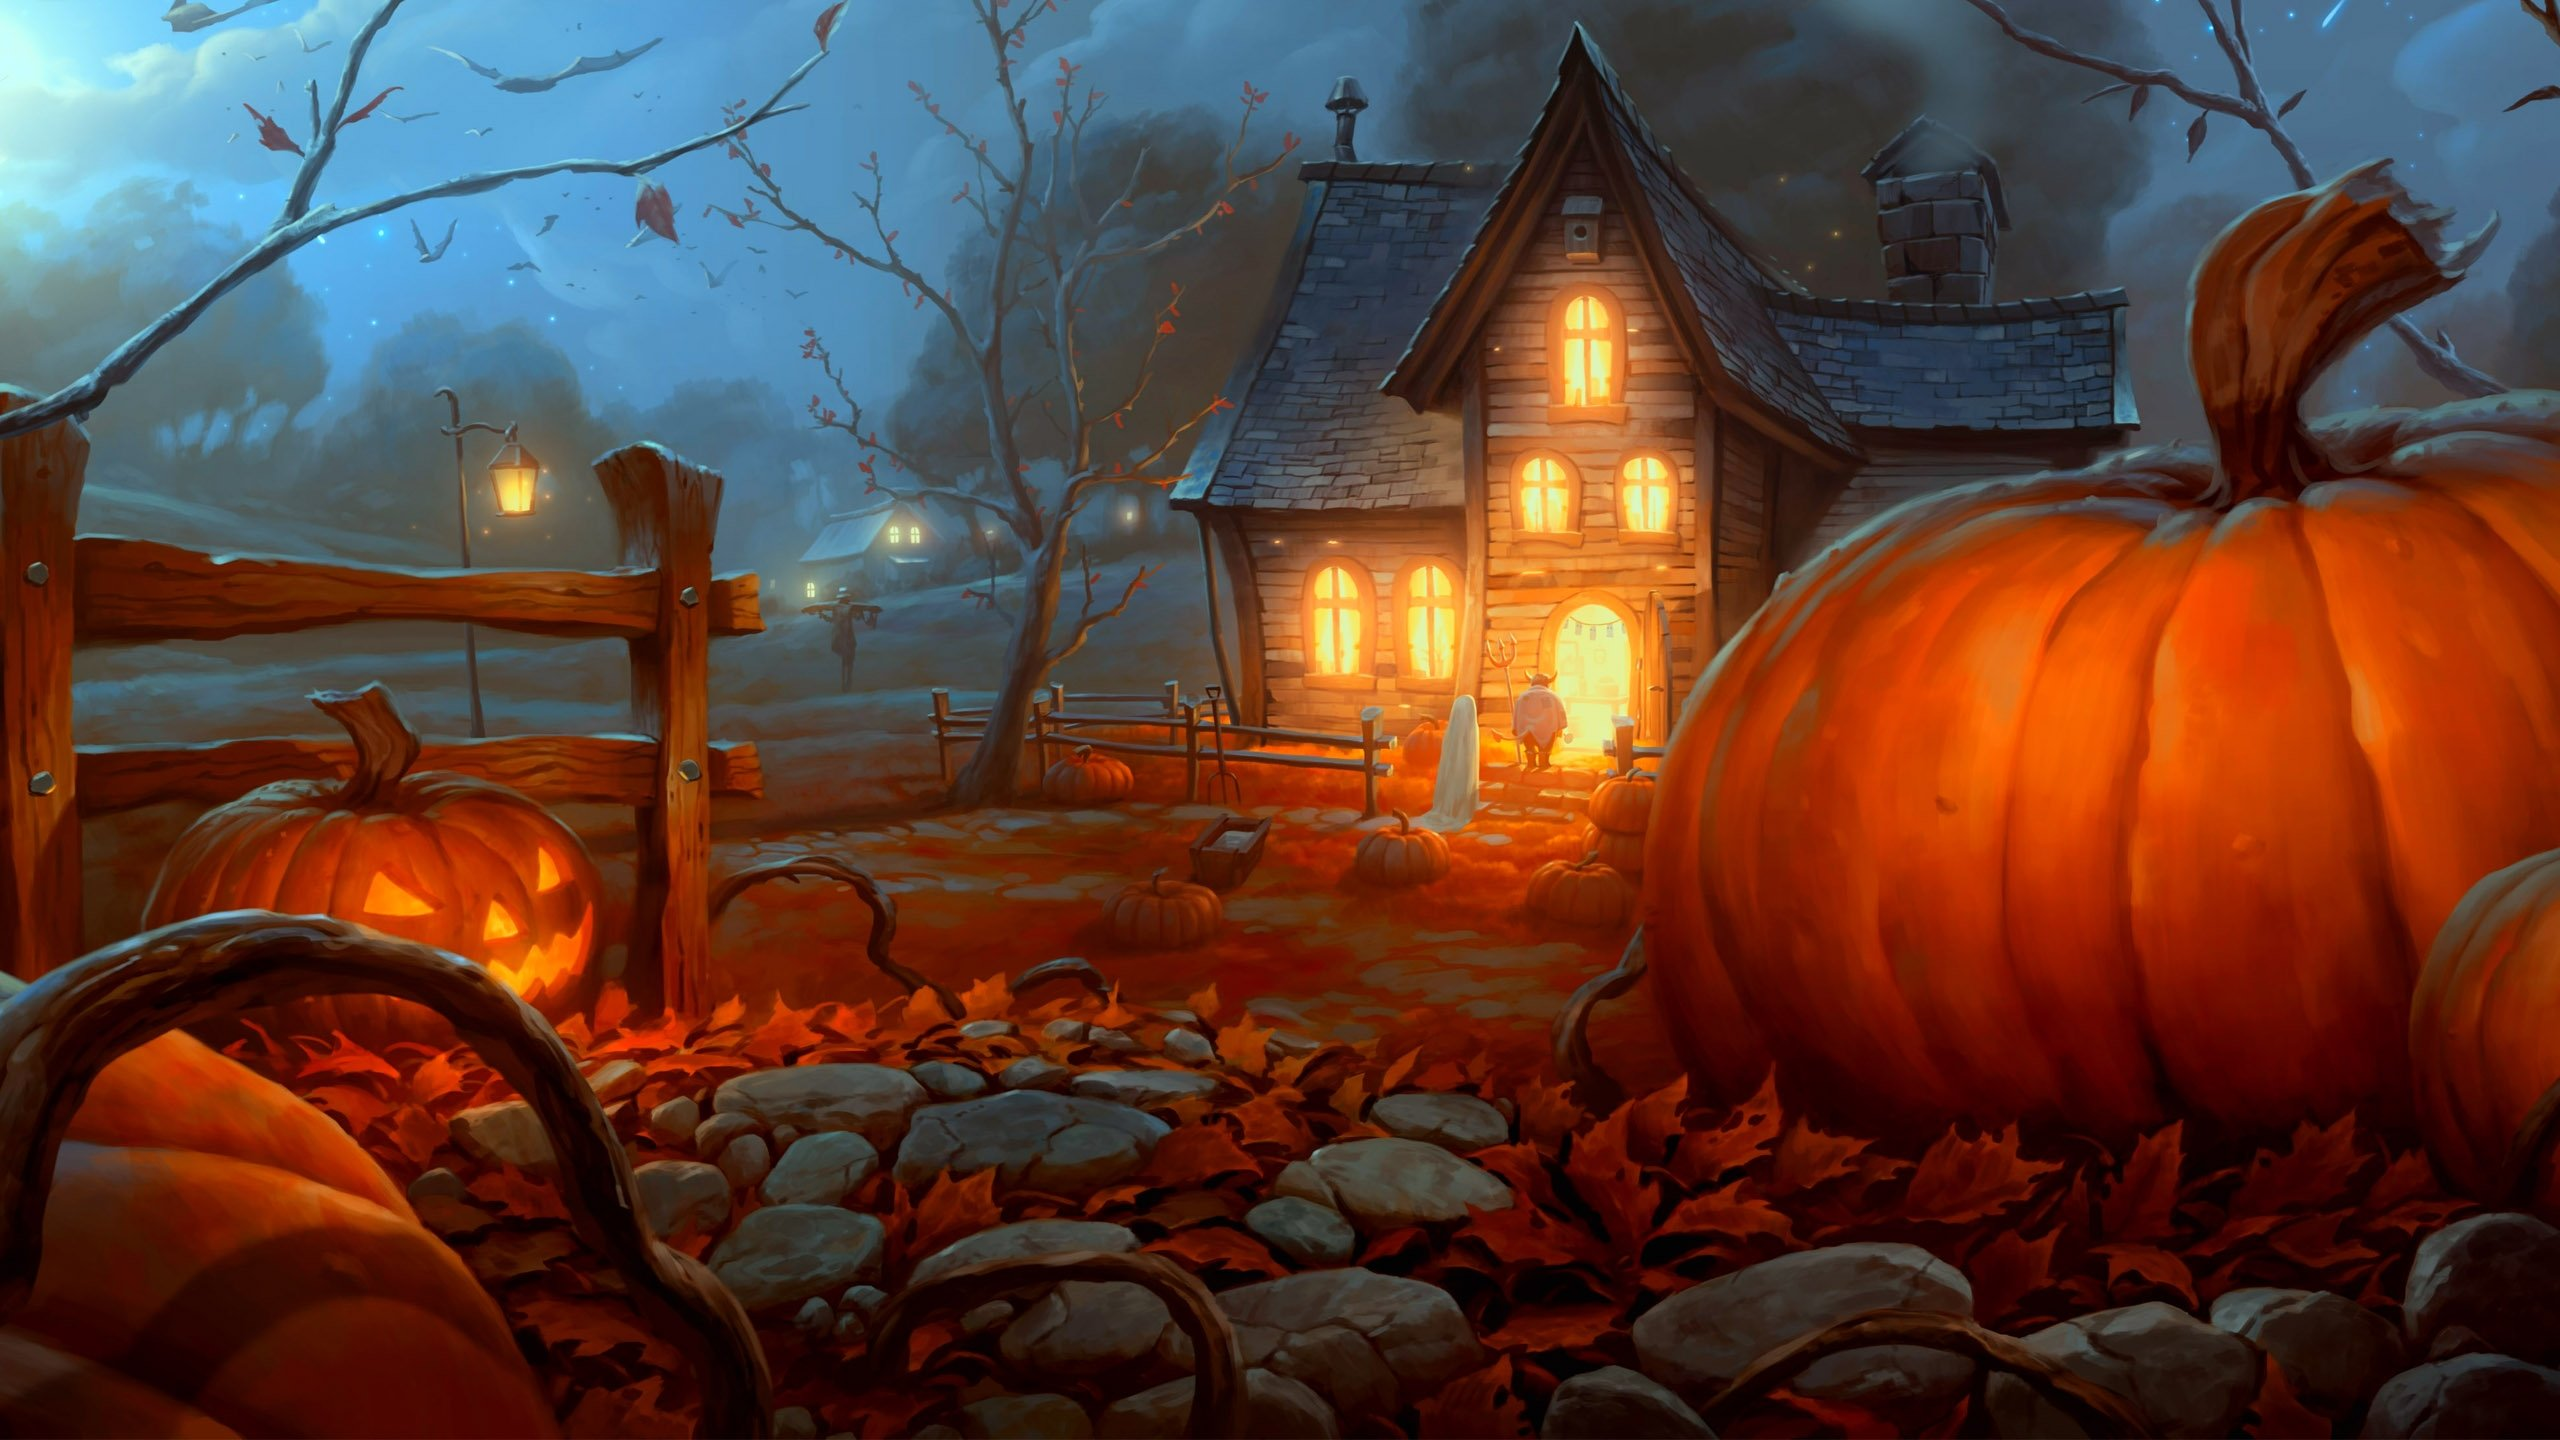 Pin Halloween 3d Desktop Wallpaper on Pinterest